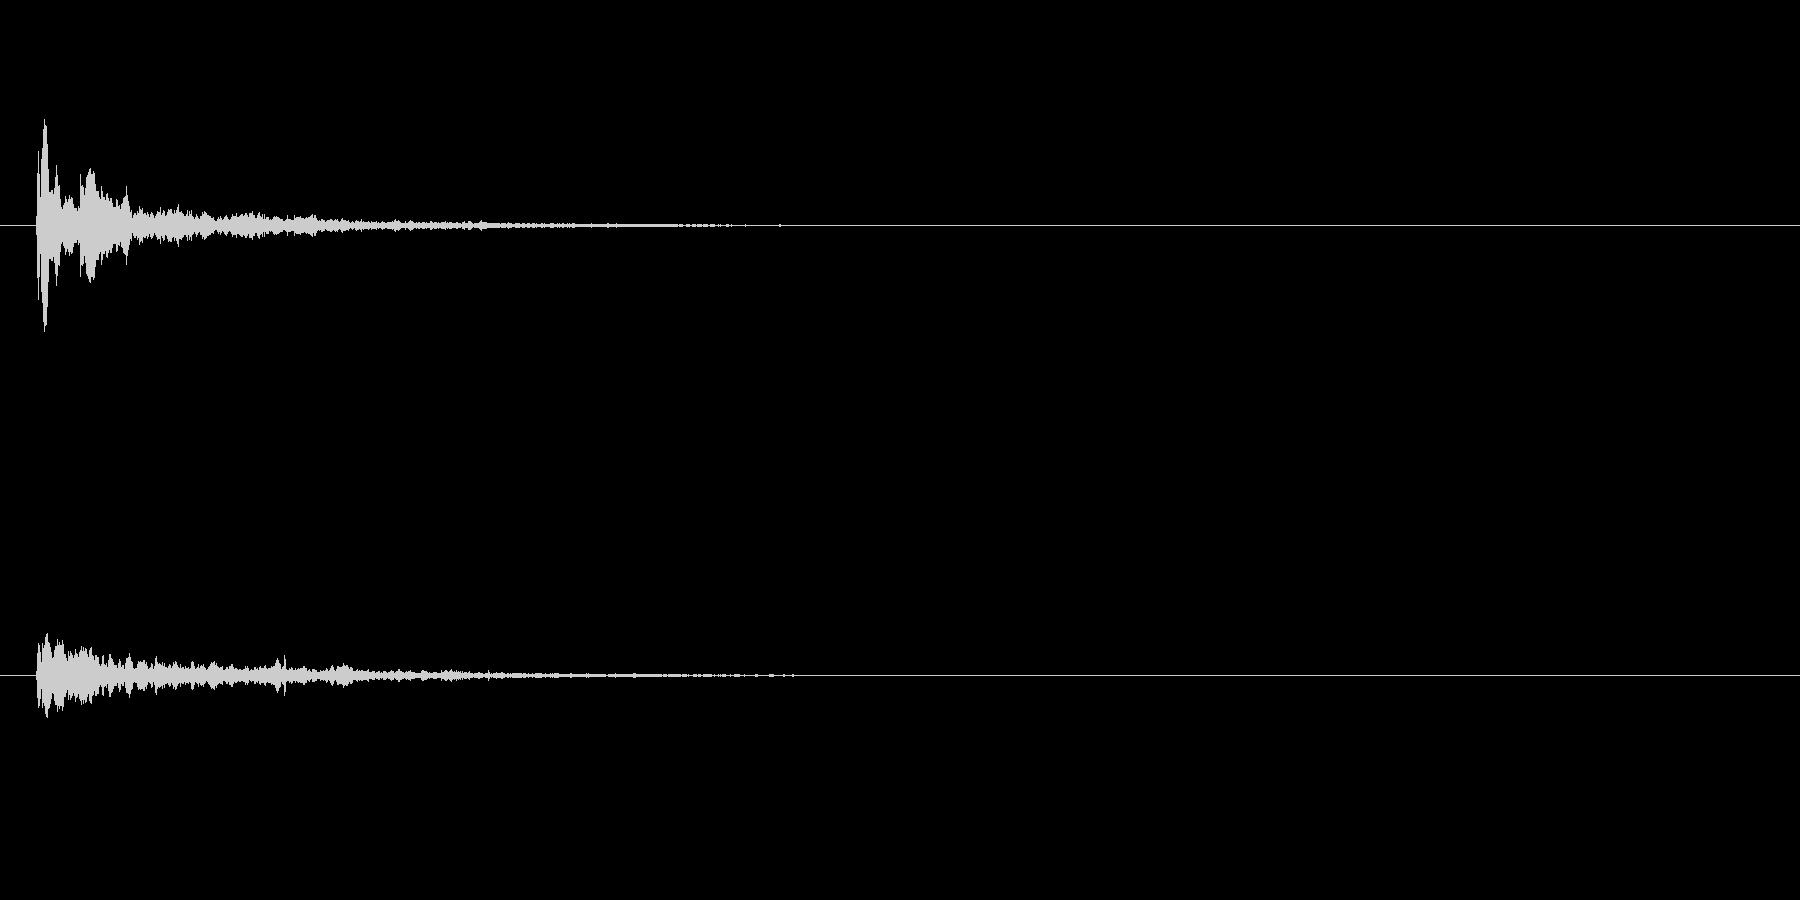 キュピーン テロップ・決定音・タッチ音の未再生の波形